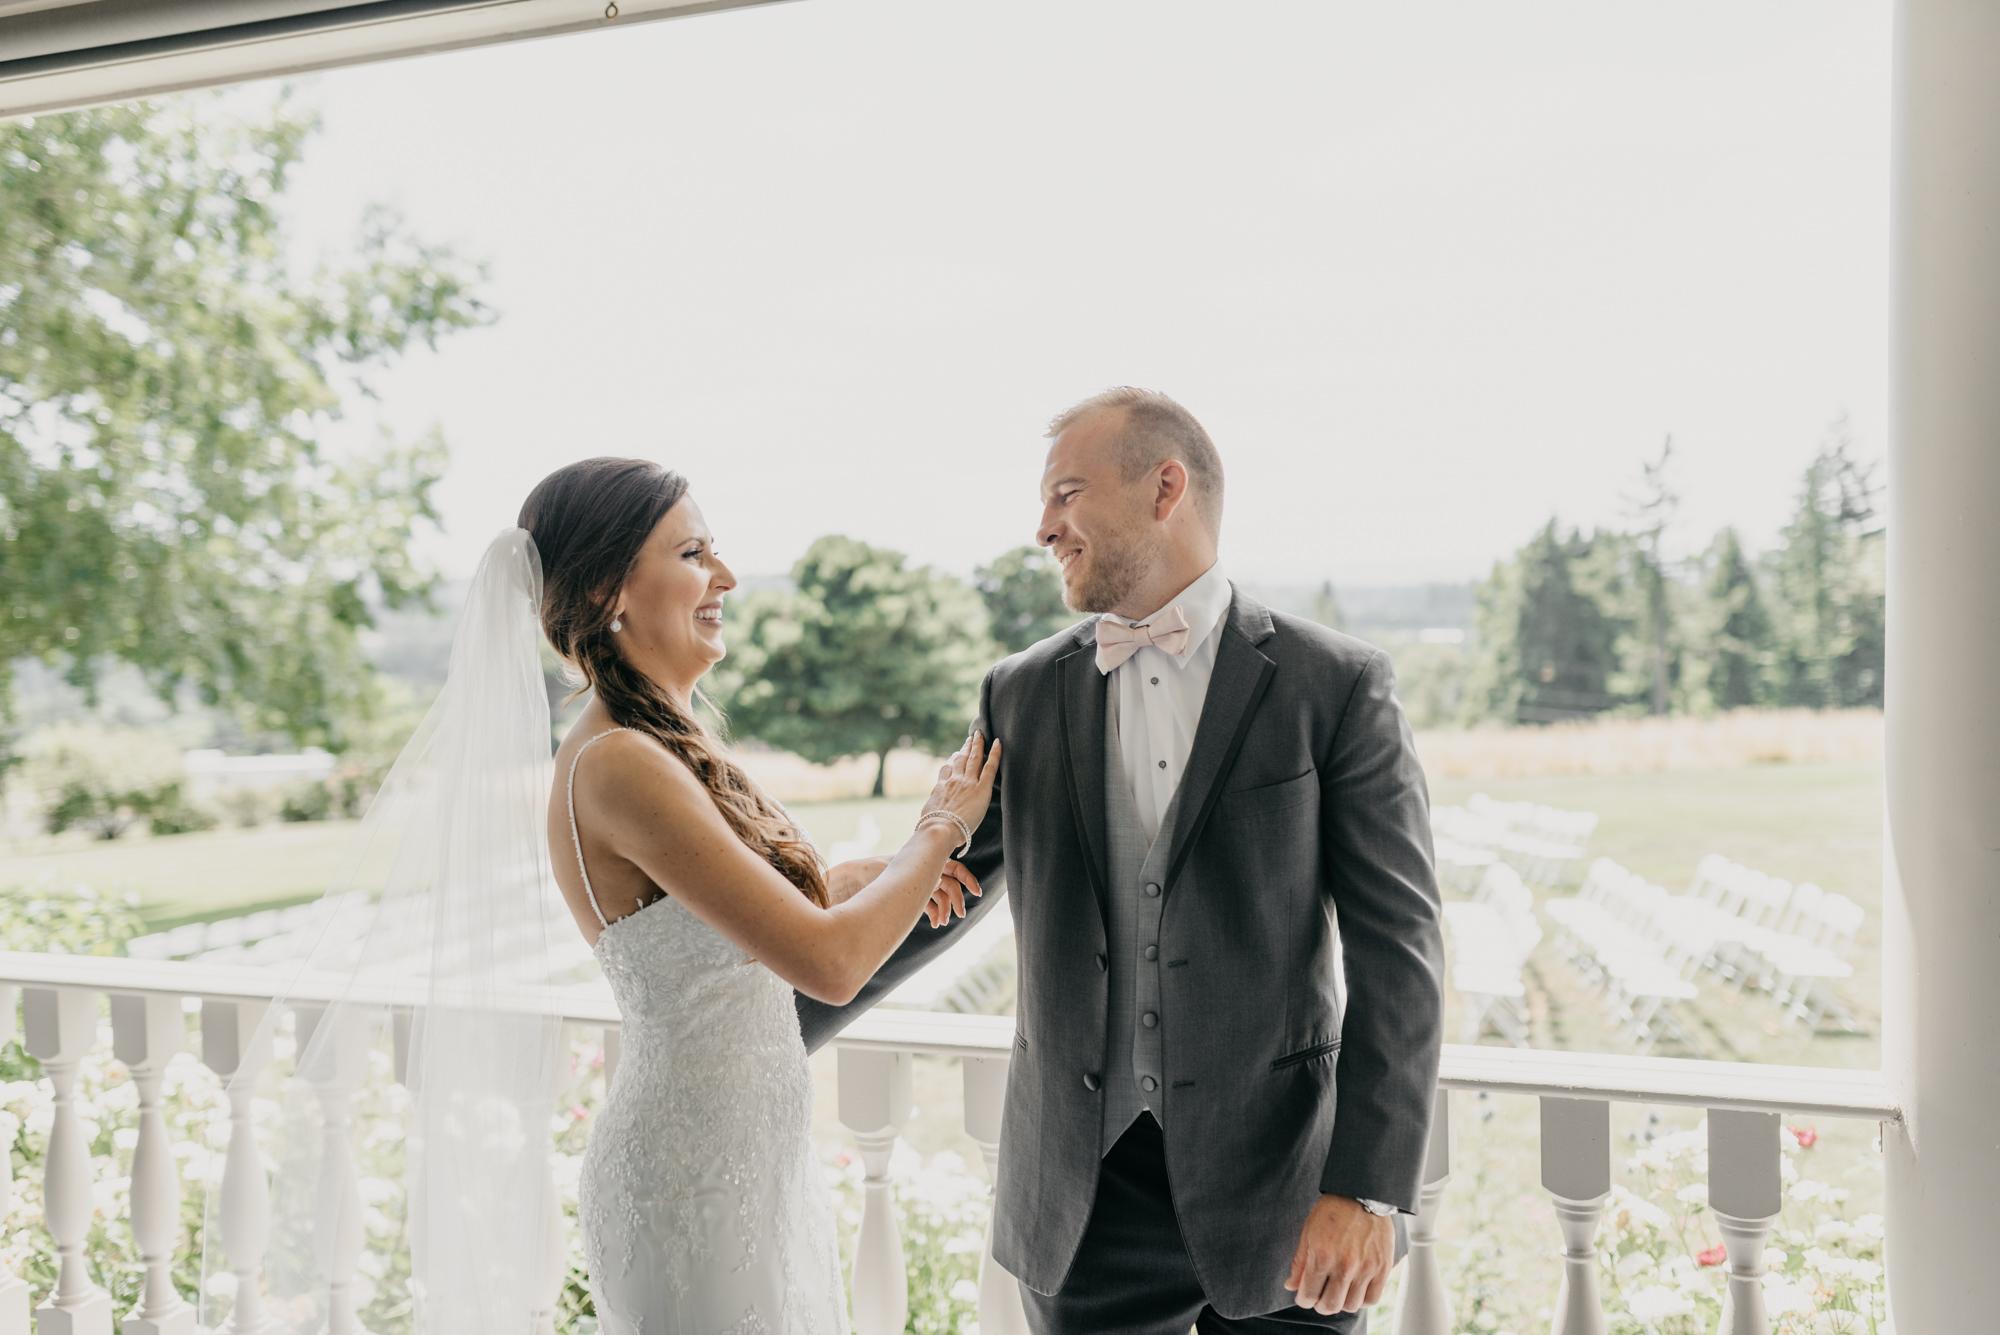 58-first-look-barn-kestrel-wedding-lake-oswego-wedding.jpg